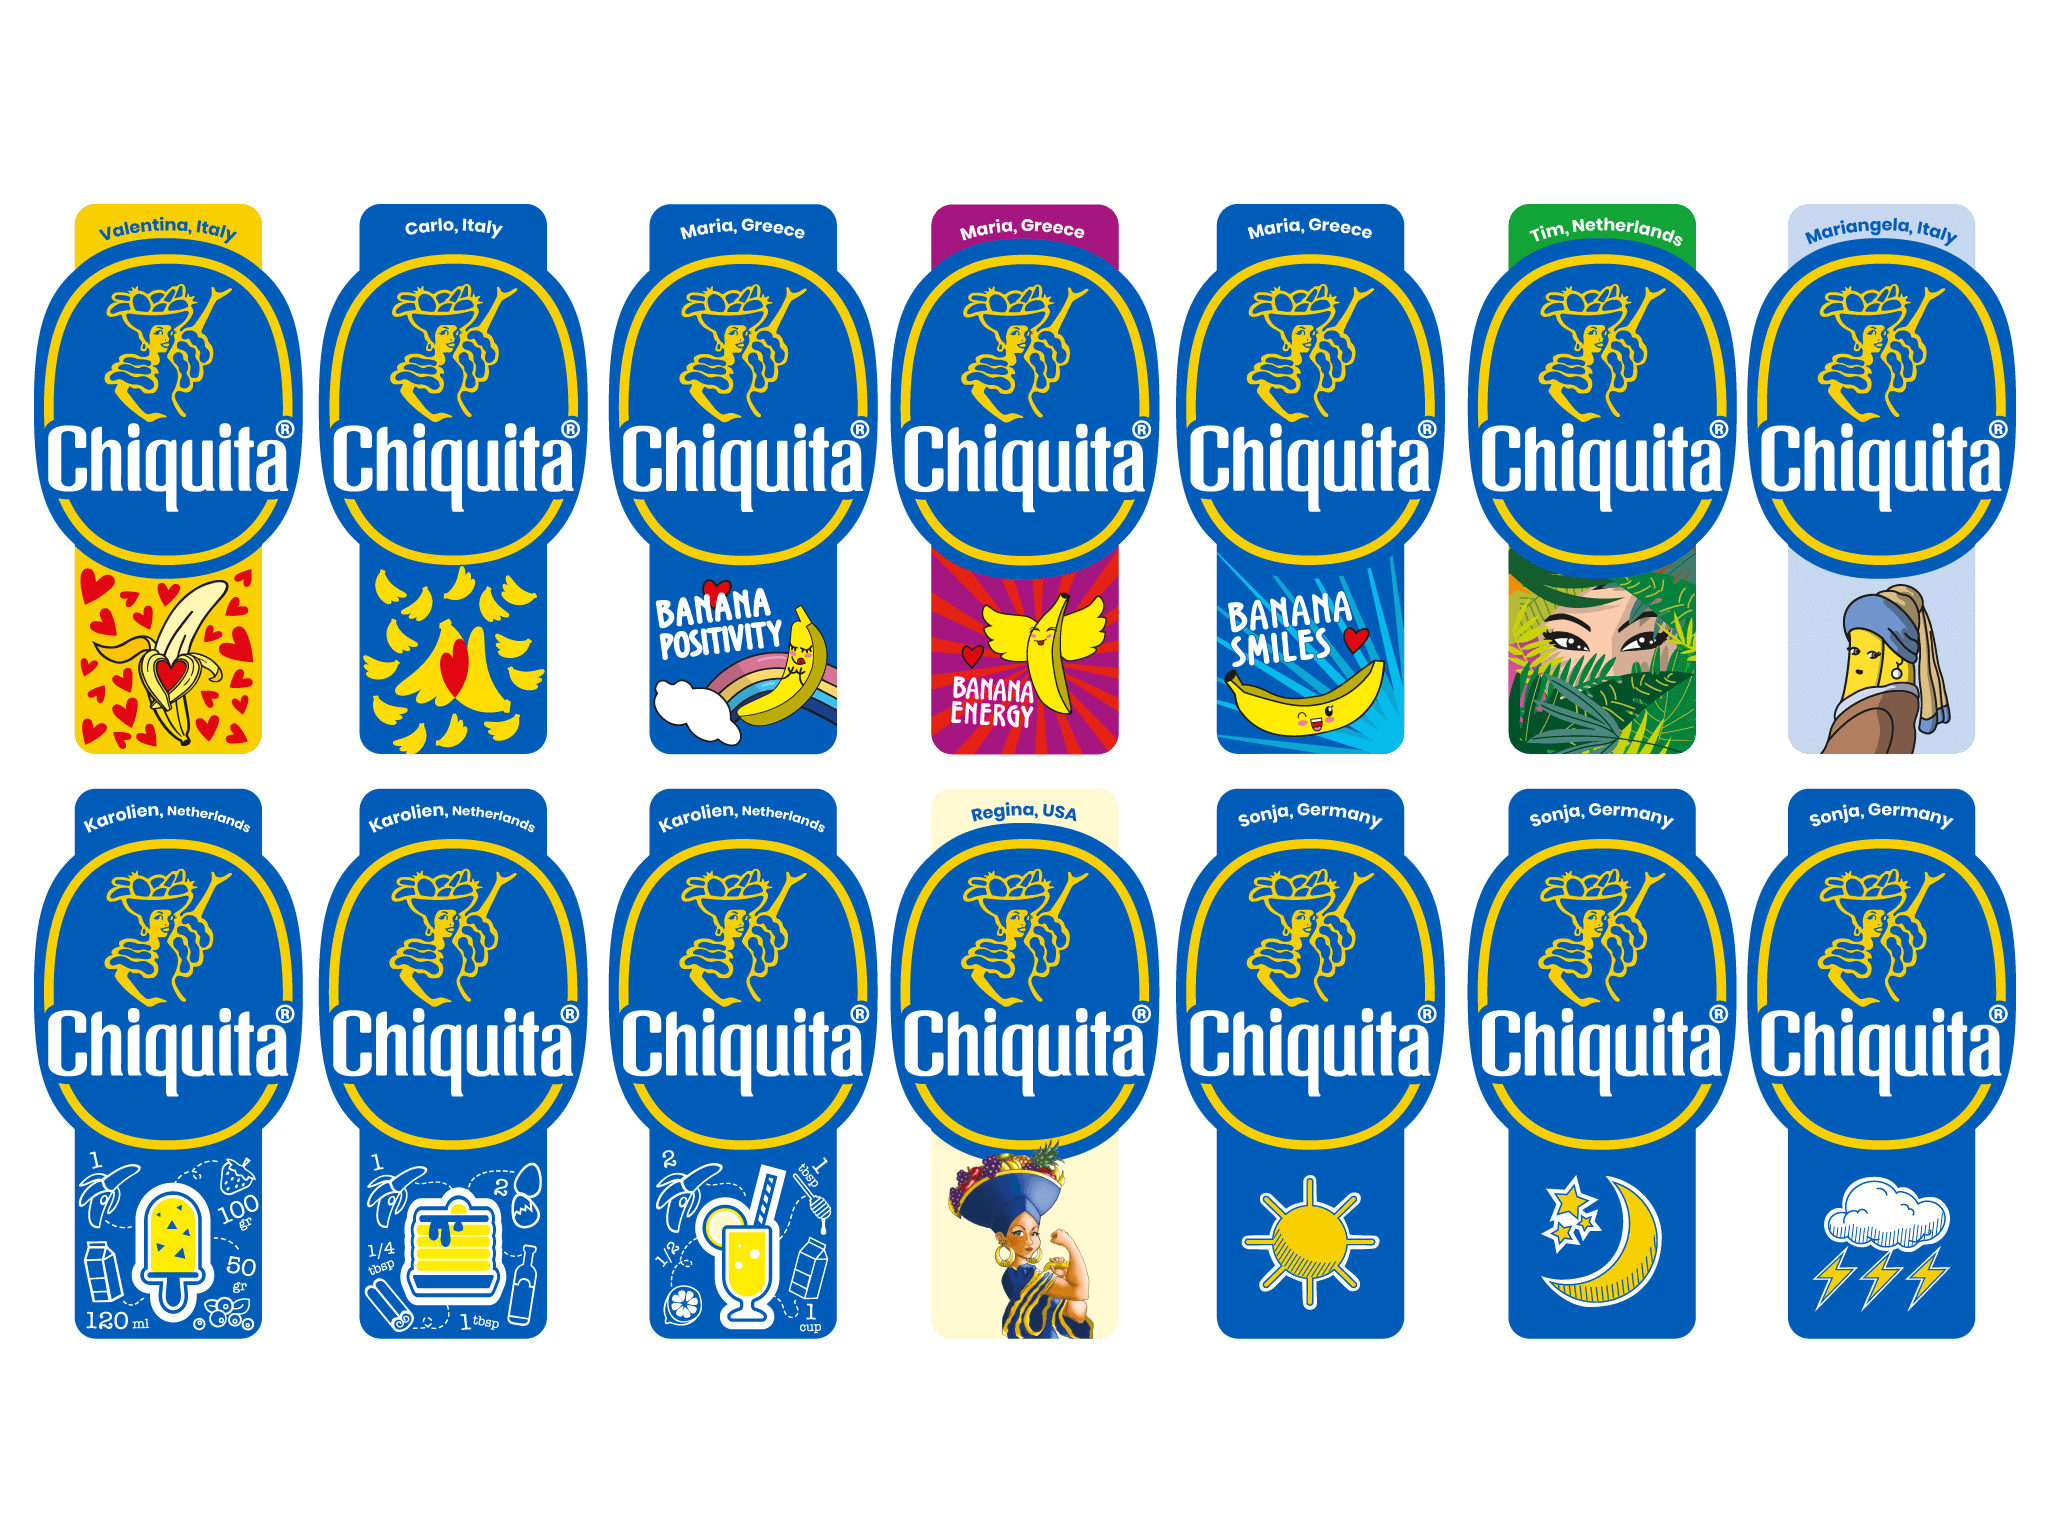 Winnaars van Chiquita 'Fuel the Fun' bekendgemaakt